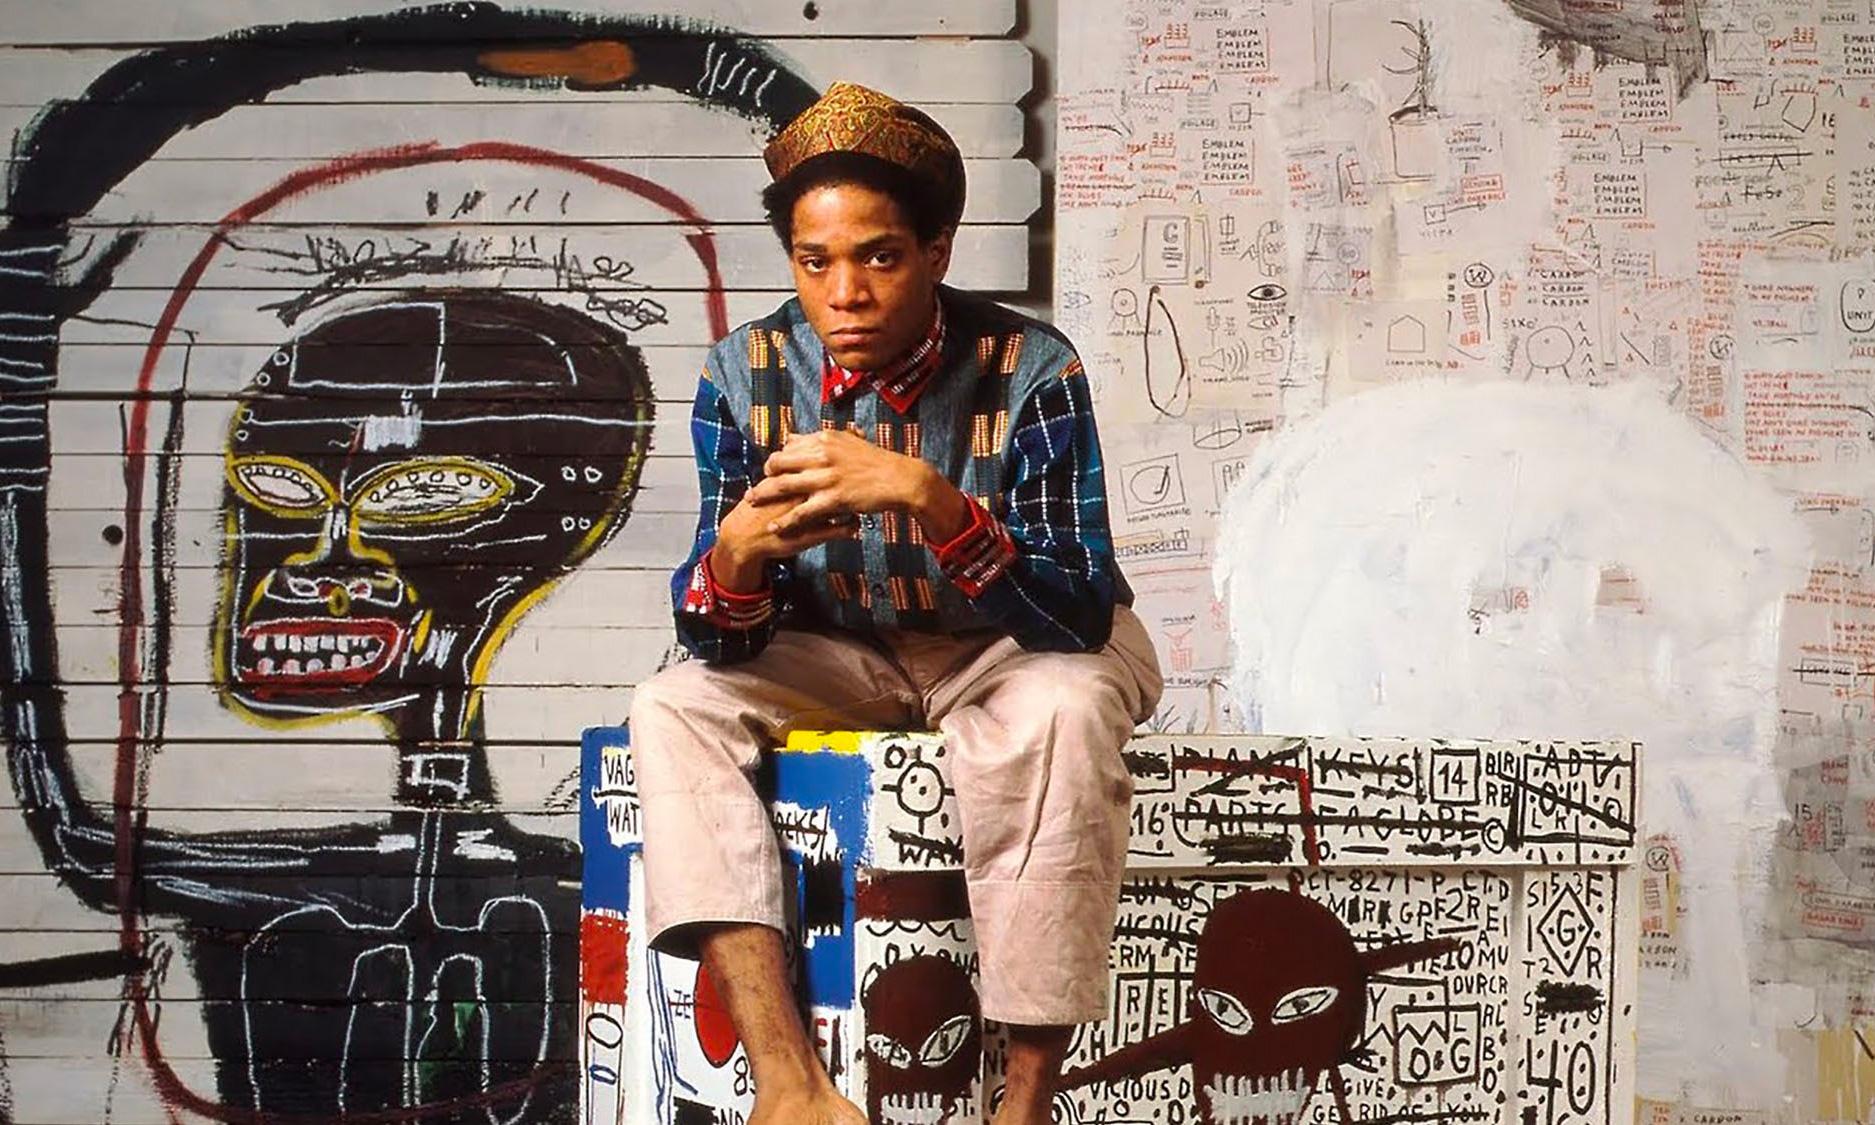 已故艺术家 Jean-Michel Basquiat 的联名为何随处可见?